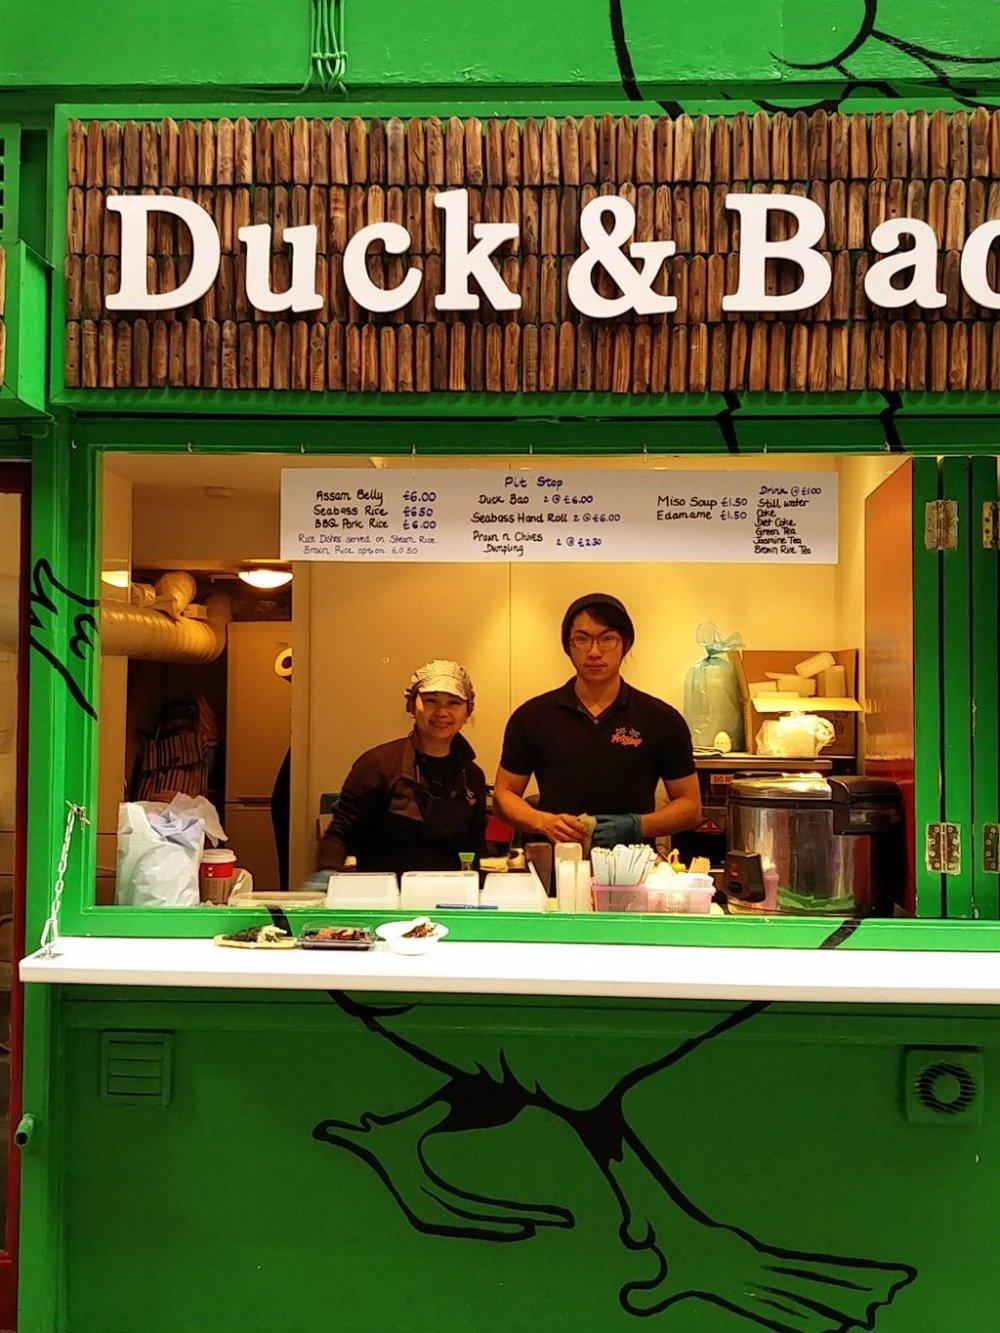 duckbao